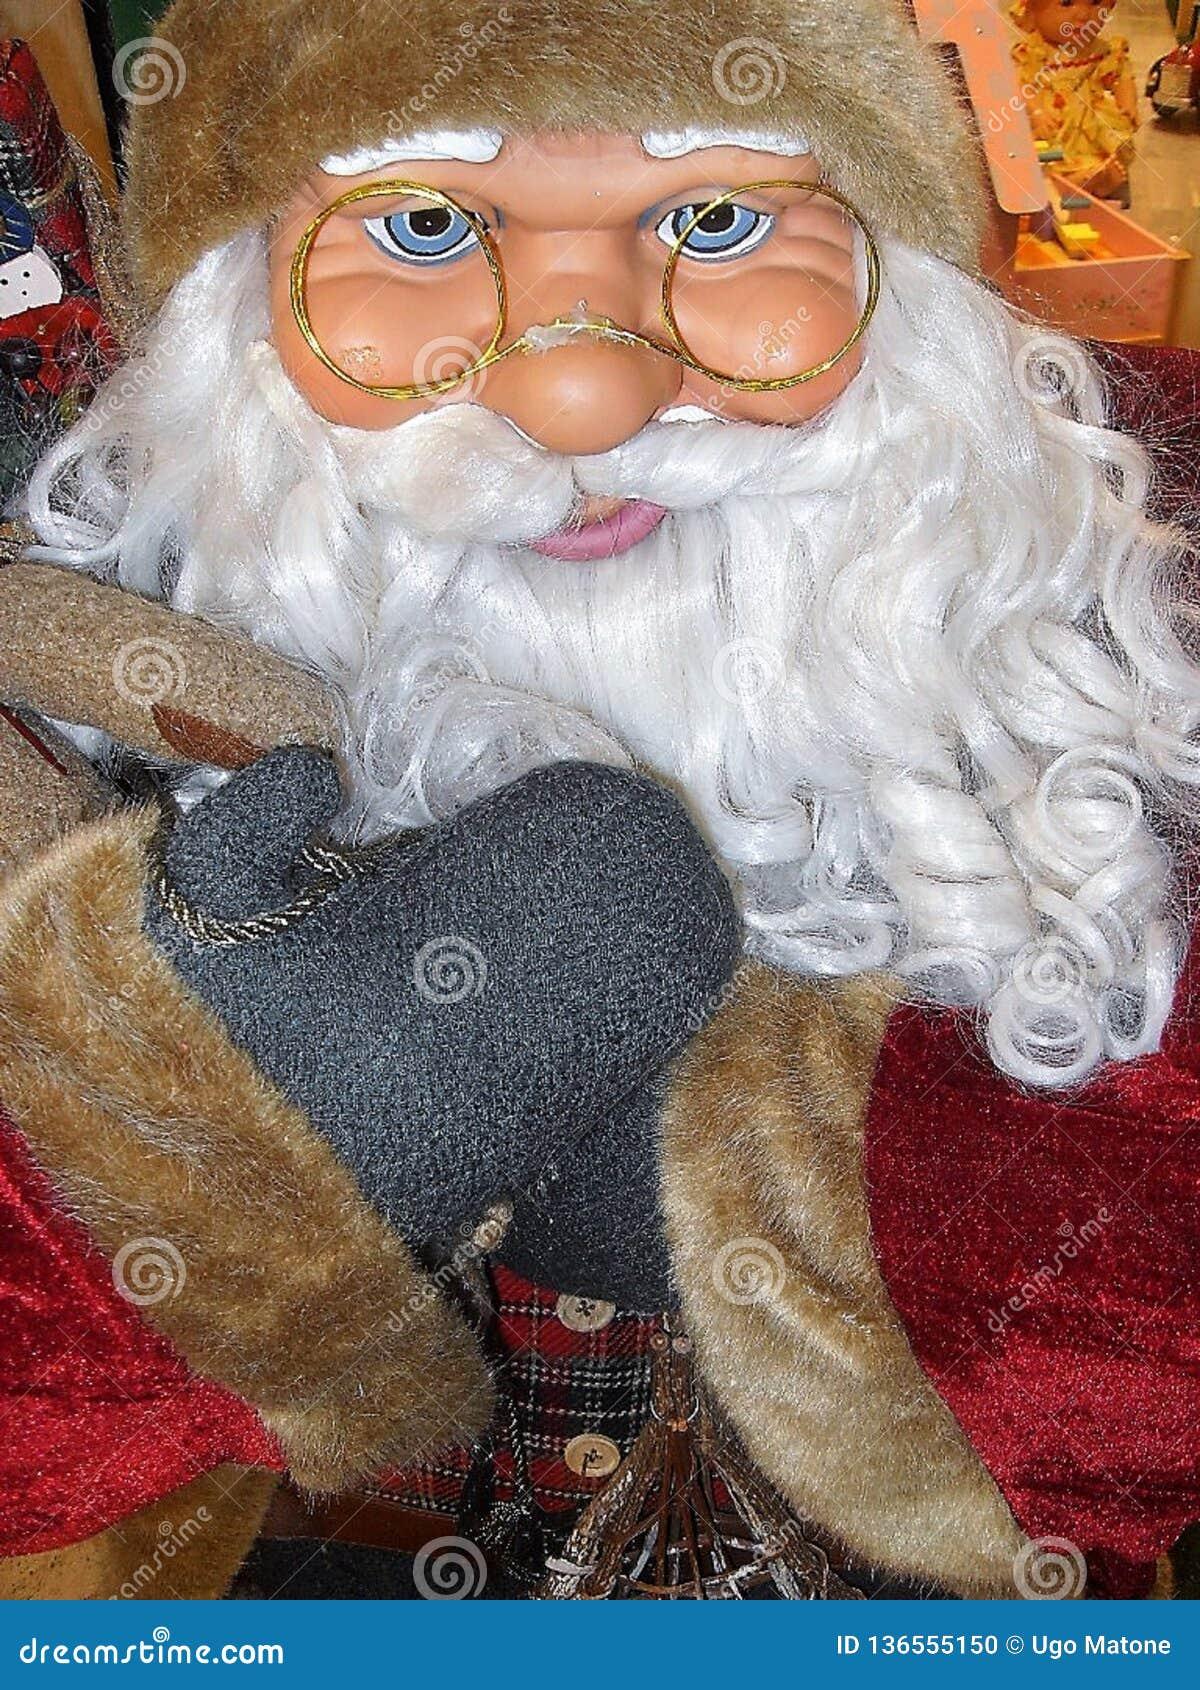 Santa Claus-Puppe, mit Gläsern